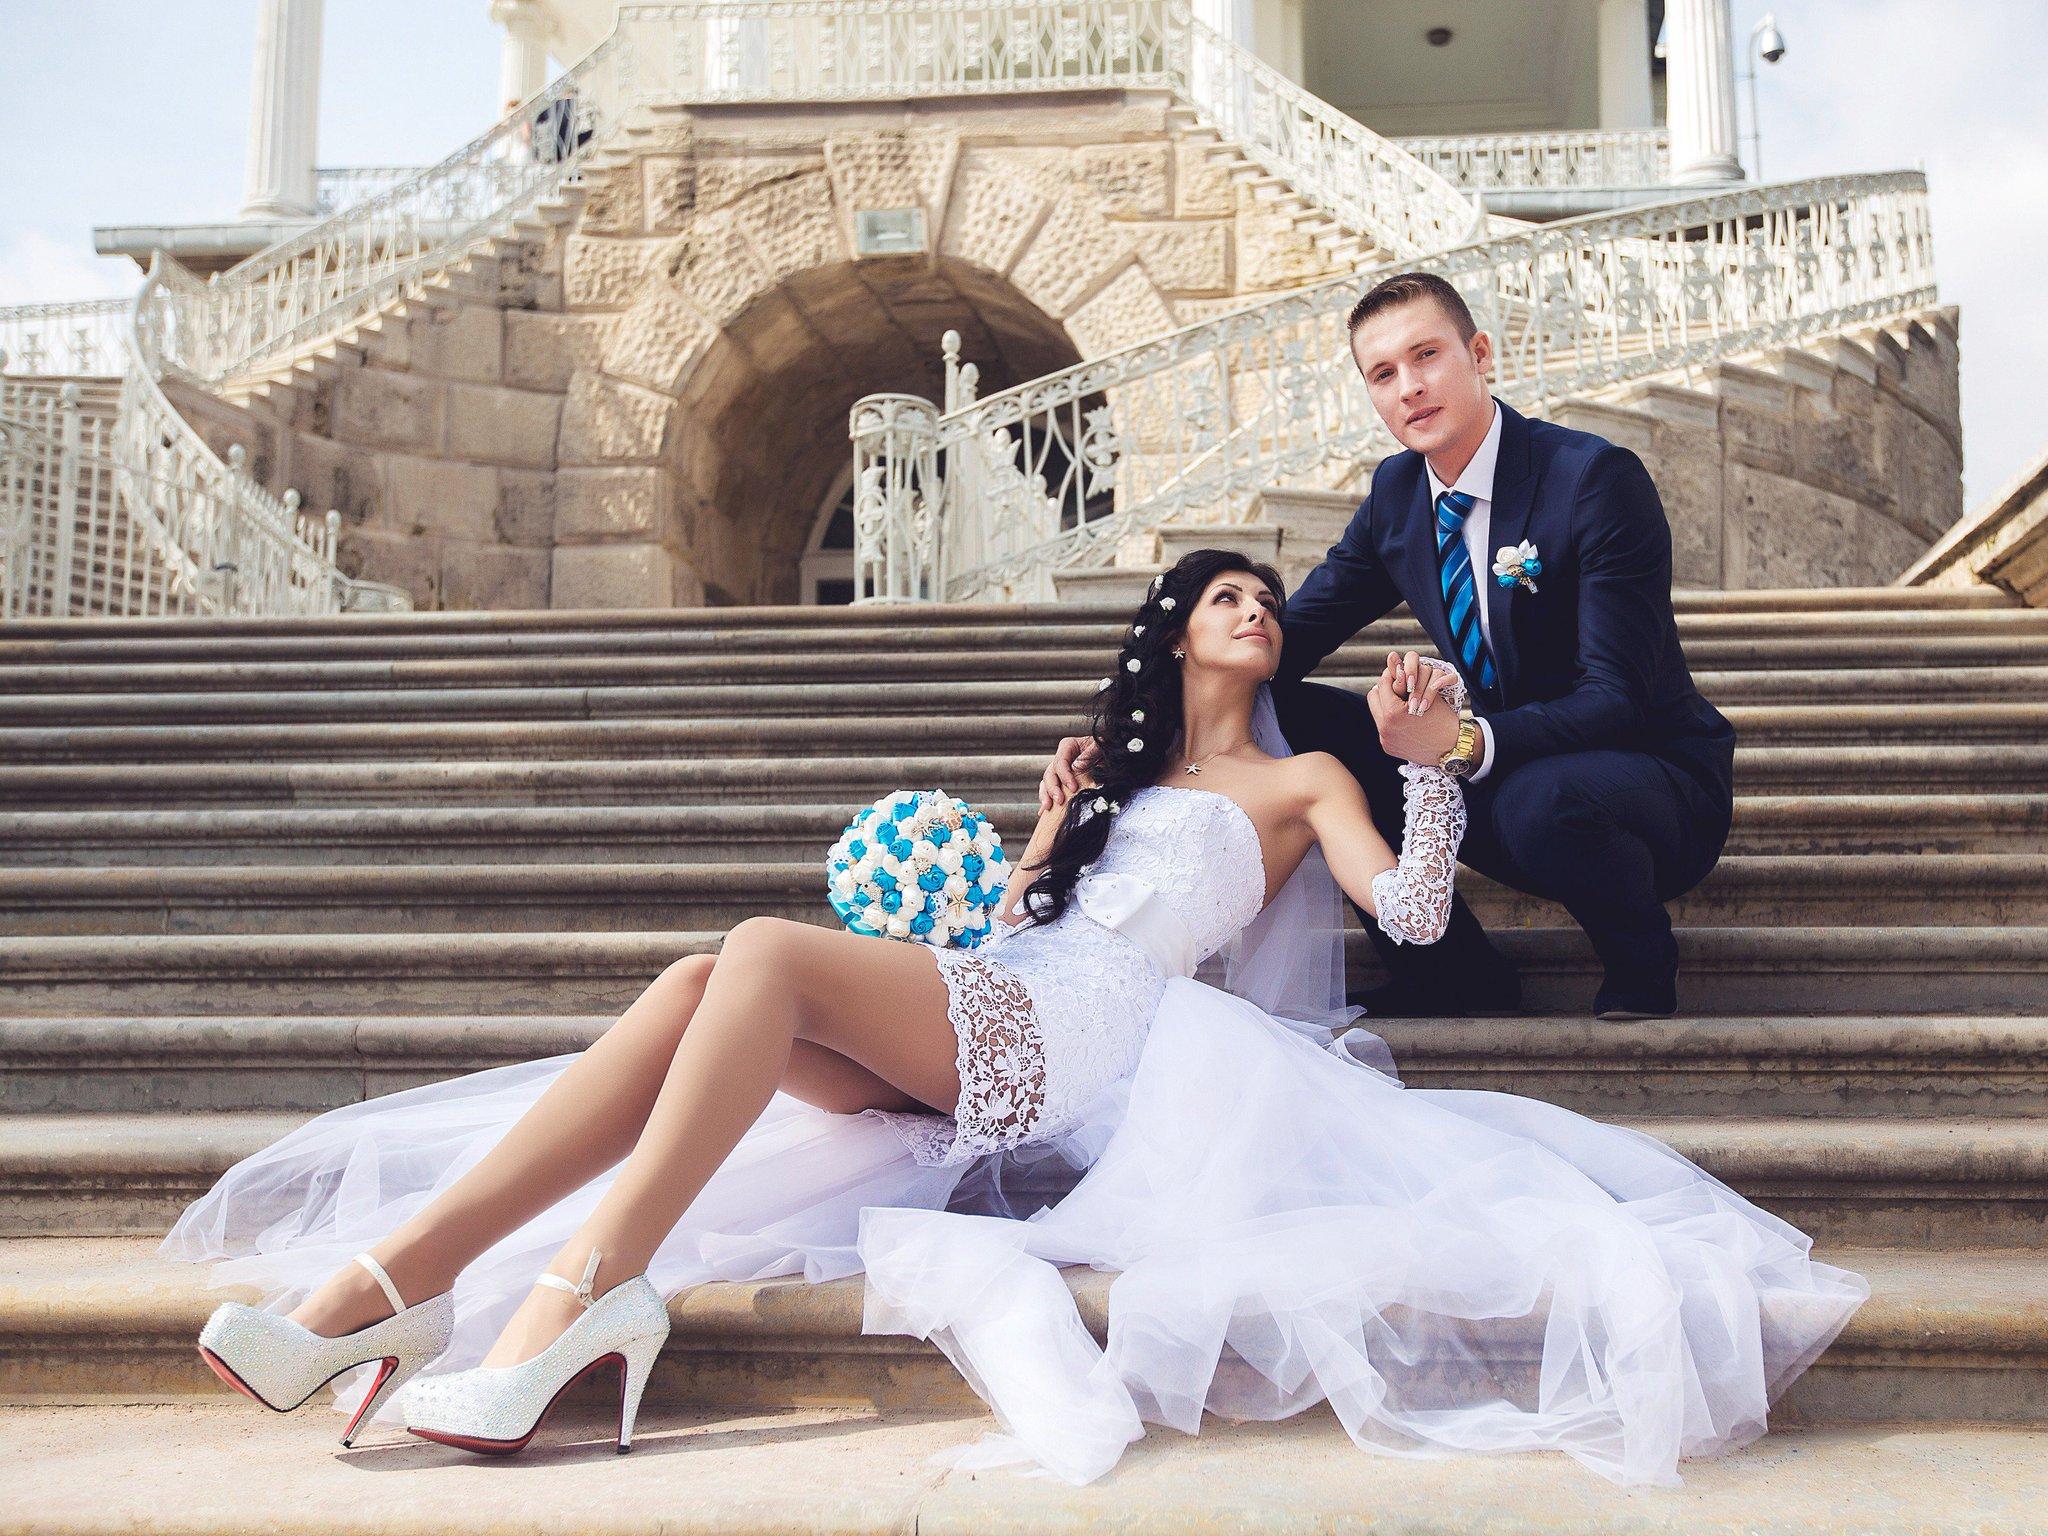 где сфотографироваться на свадьбе архангельск так как